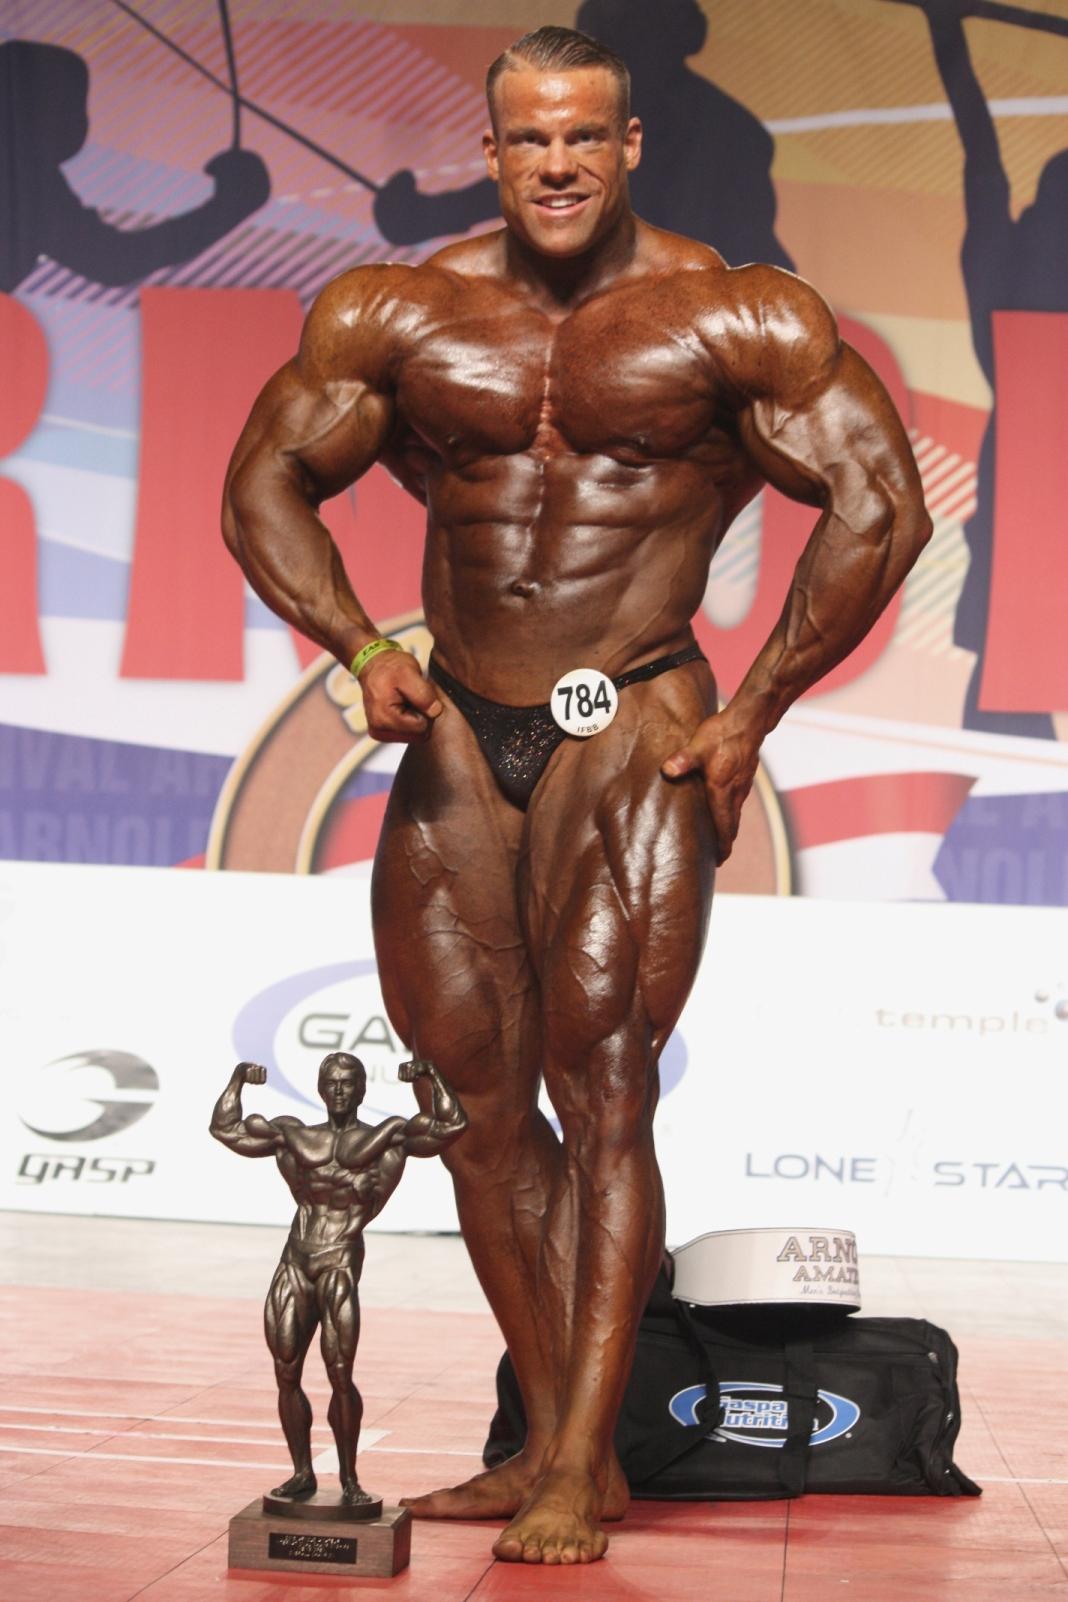 Men's Bodybuilding – Lukas Wyler of Switzerland (784)